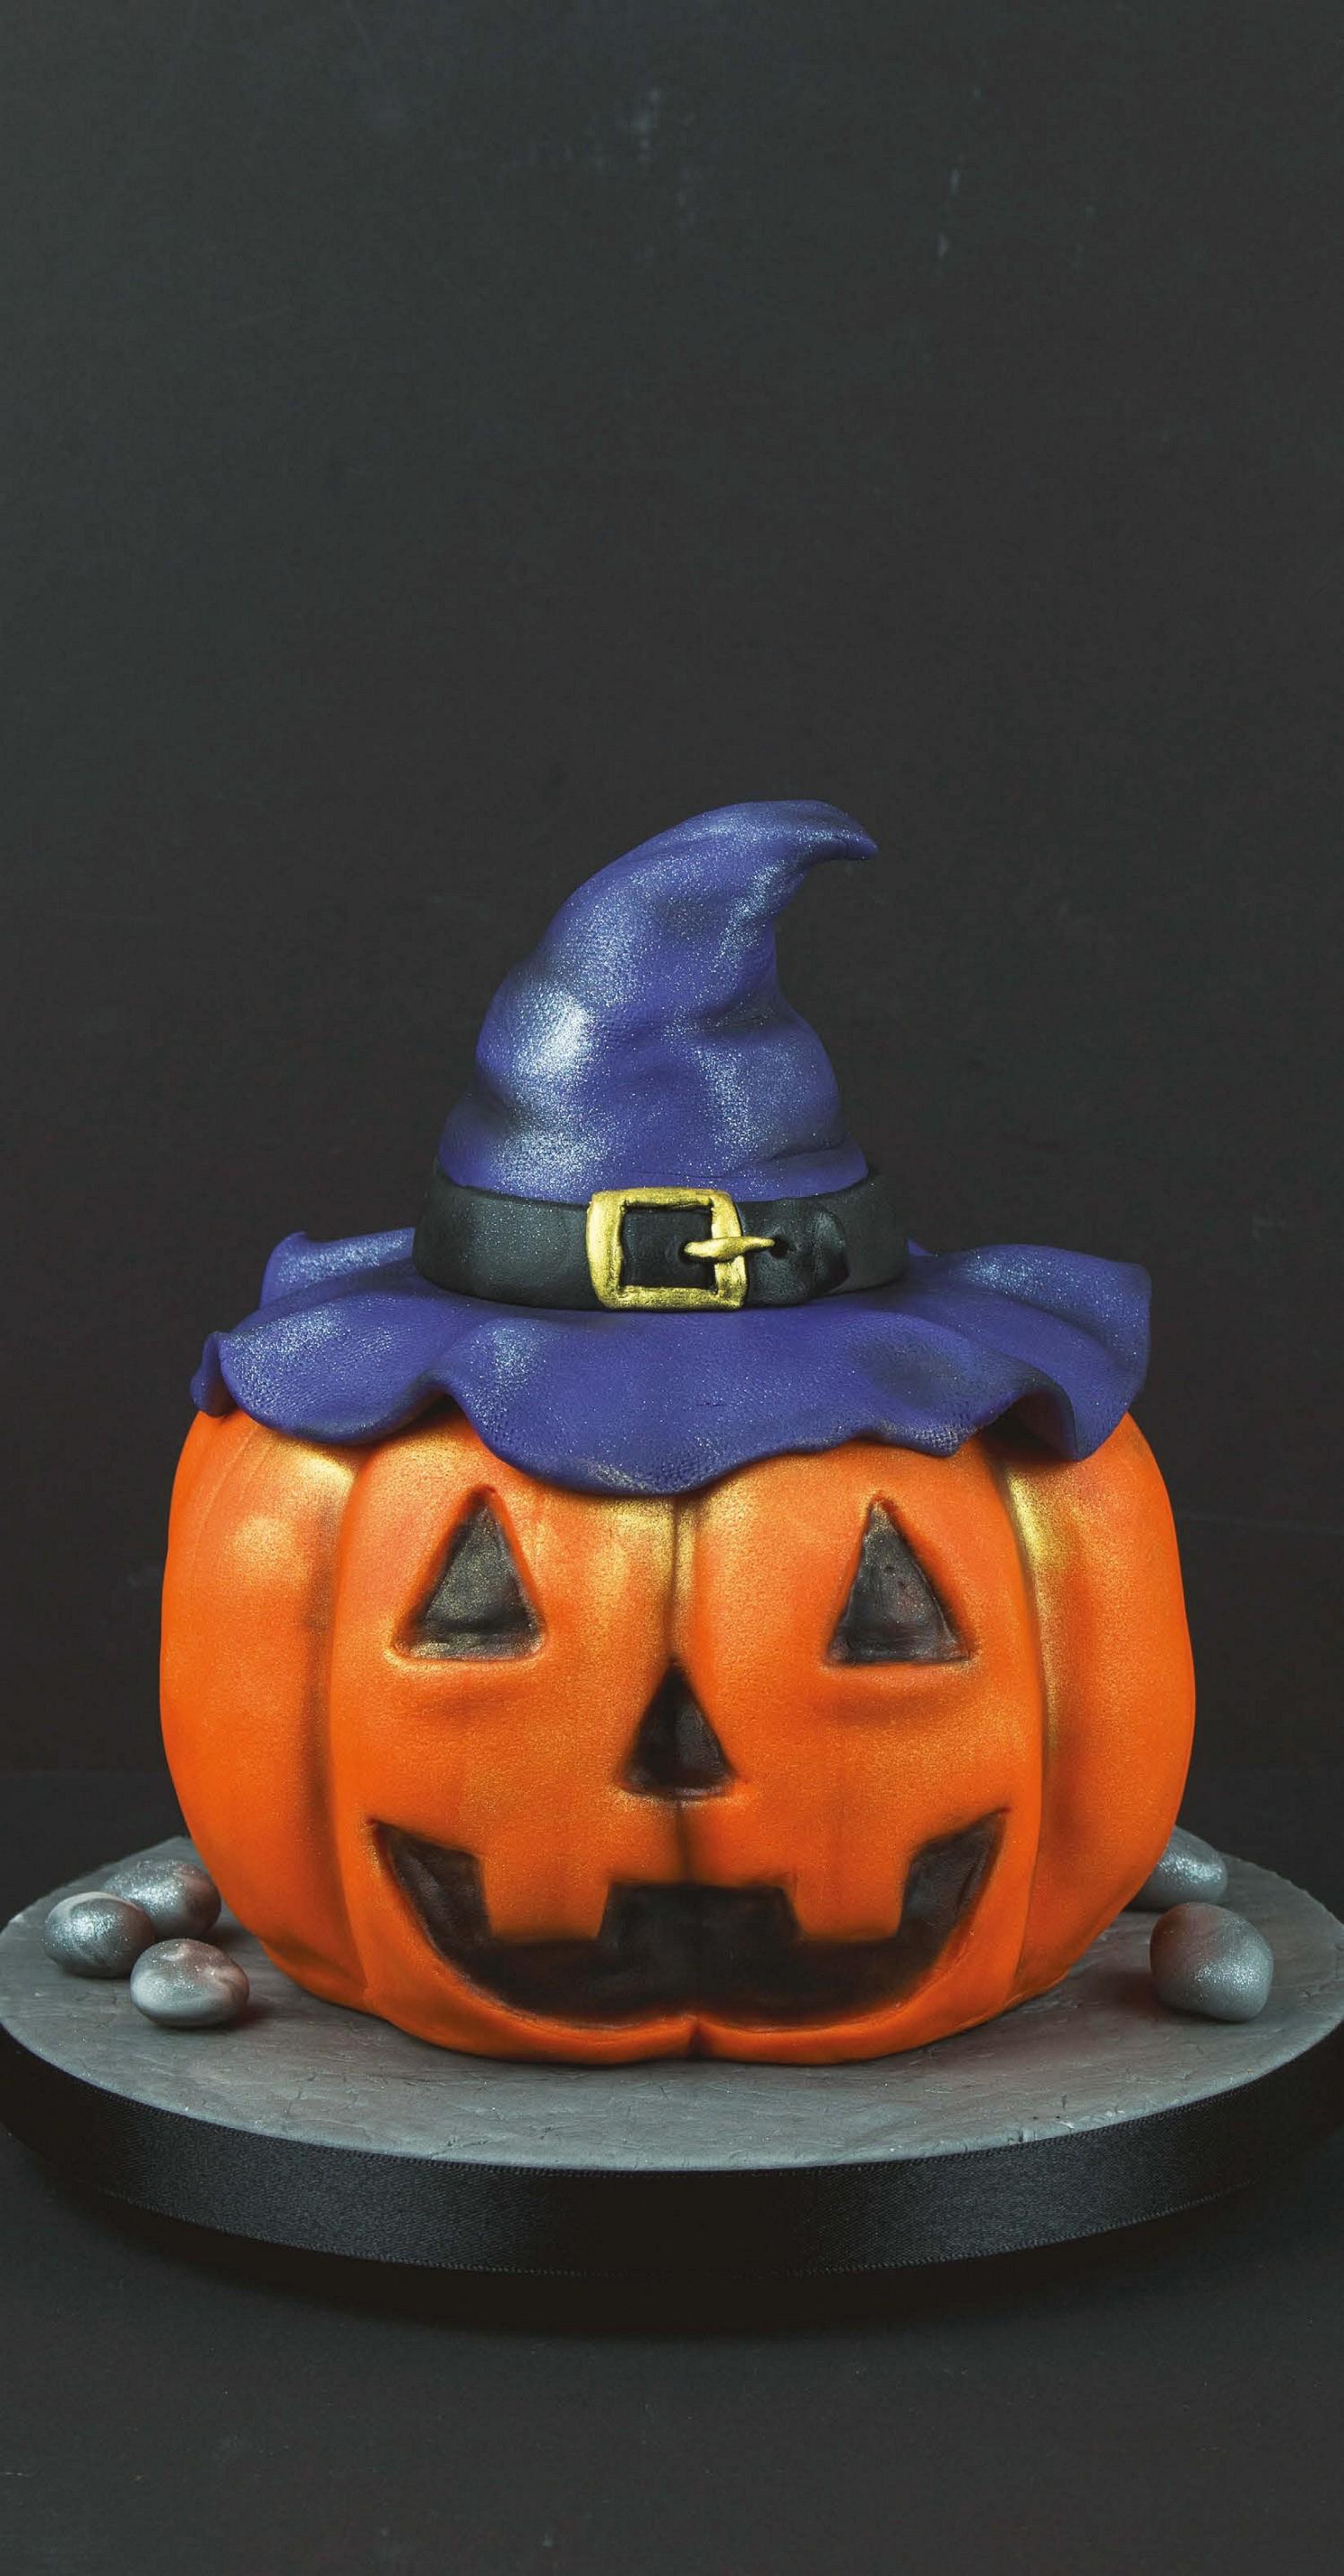 halloween pumpkin cake | pocketmags